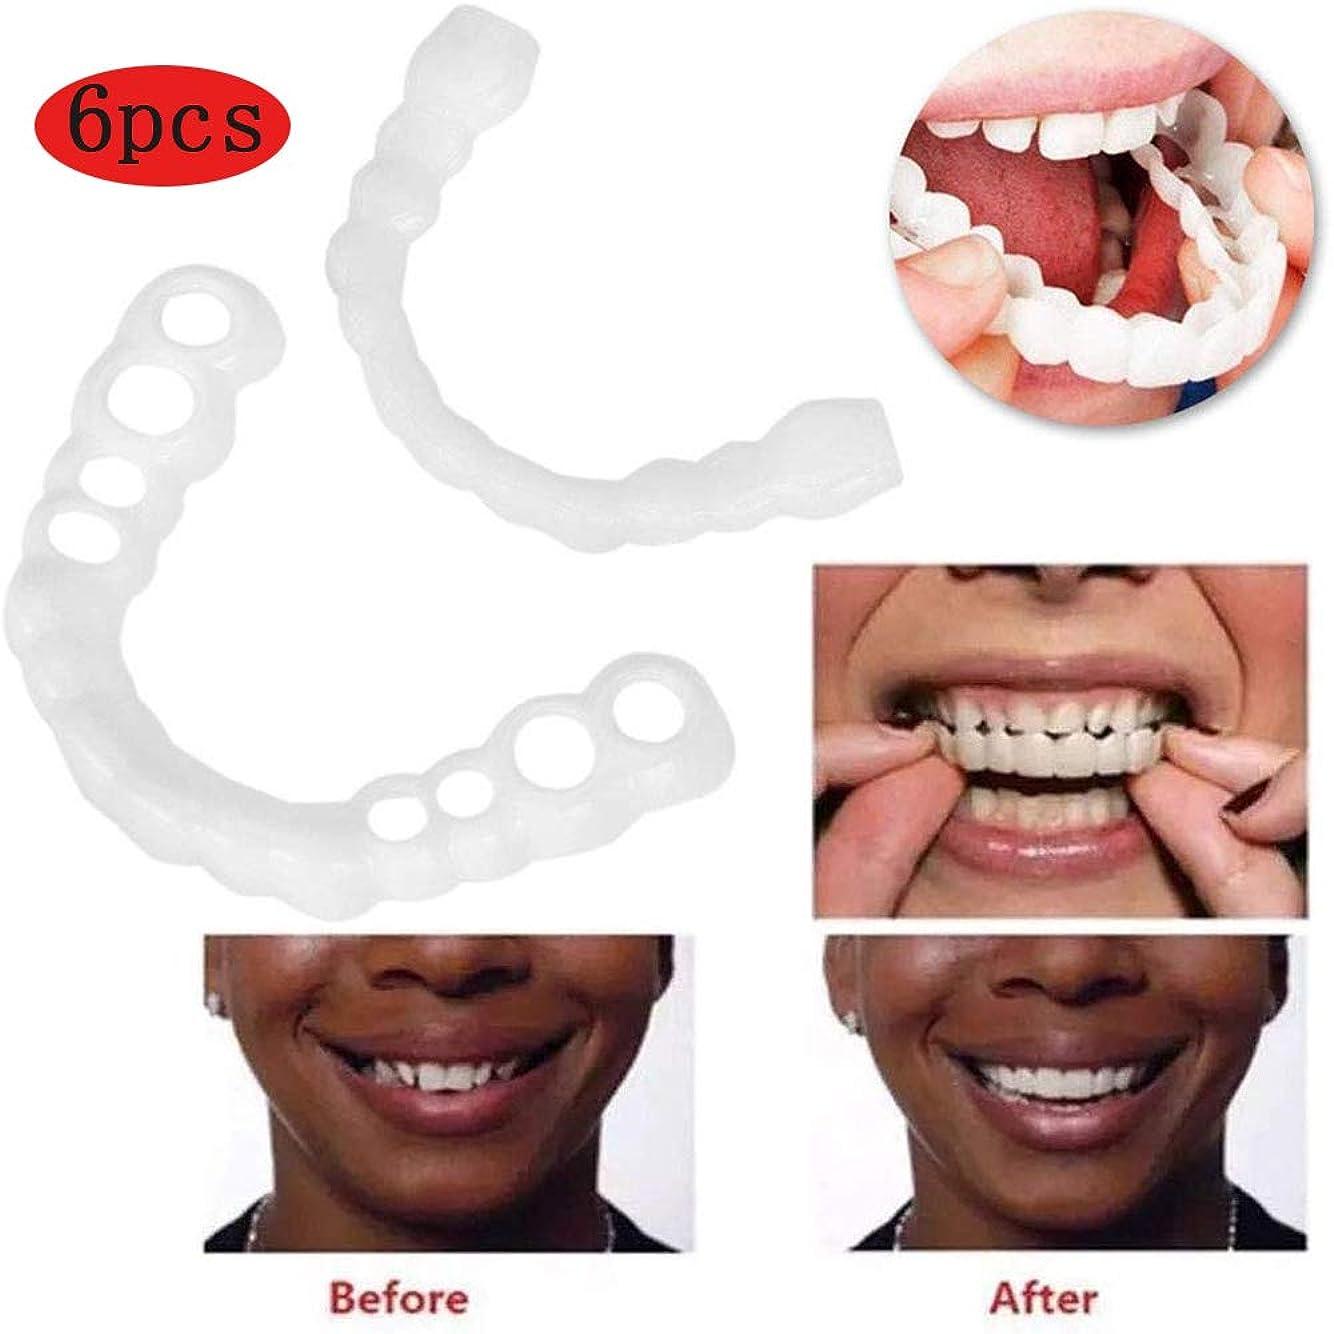 くるくる予想する周波数ベニアは歯にスナップ、ZBHGFブレースベニアは義歯フェイク歯笑顔鋸歯状義歯上下コンフォートフィットフレックス歯ソケットは白い歯をきれいに整えます